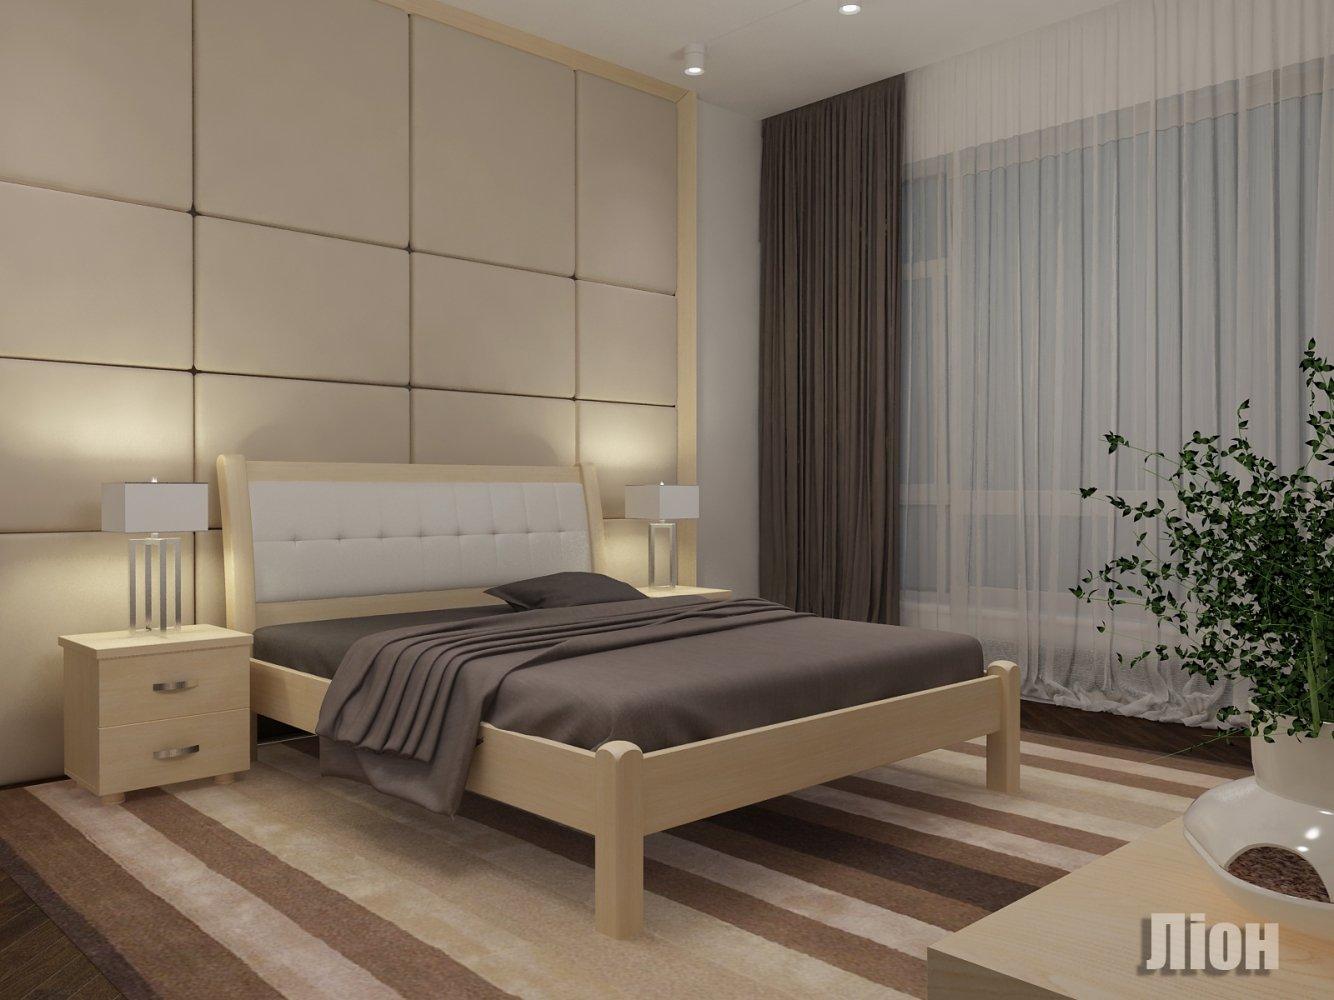 Кровать Лион + Подъемник 9